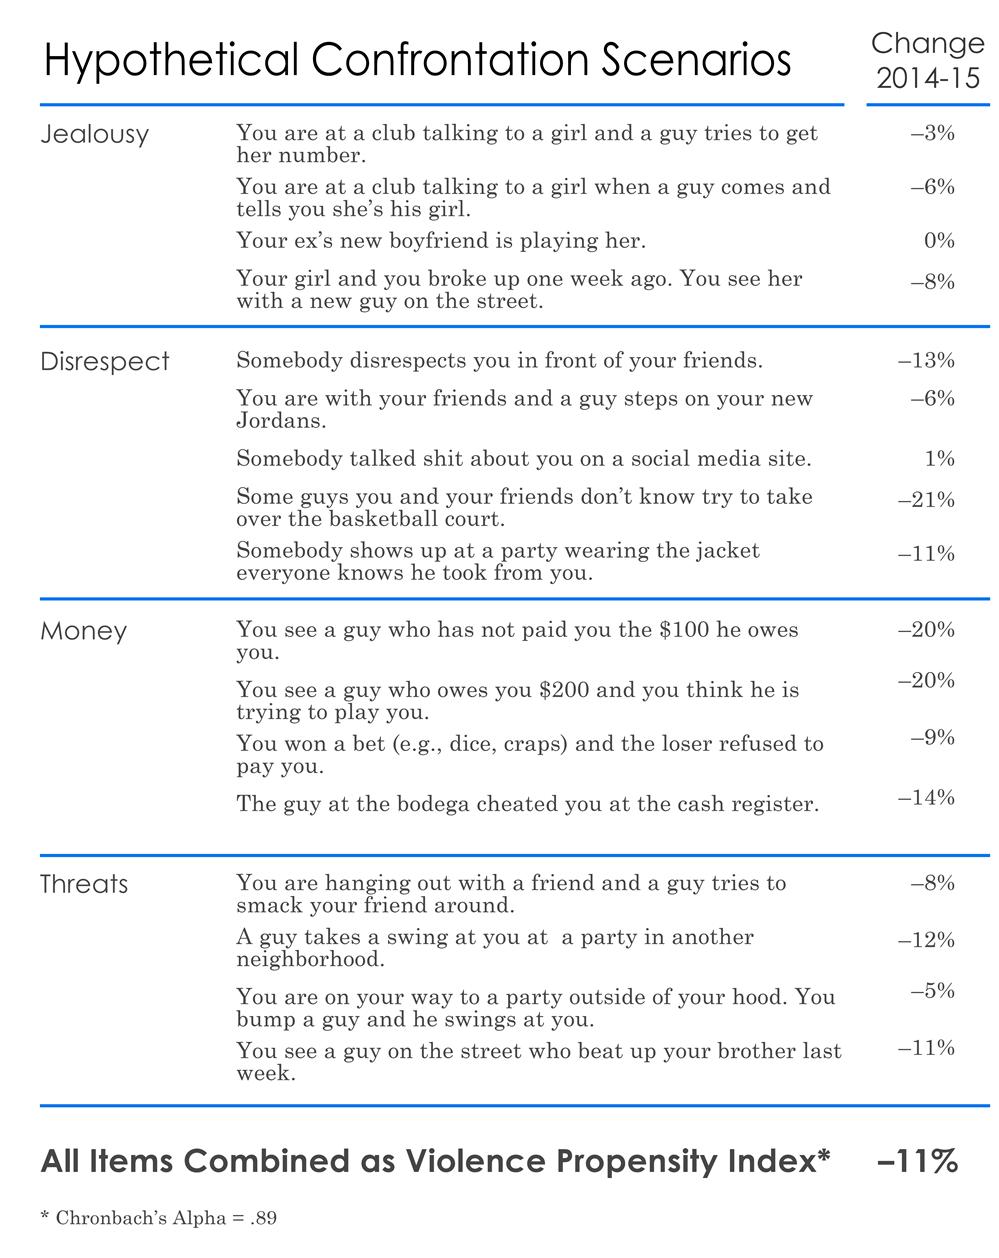 surveys2bedstuy_fig3b